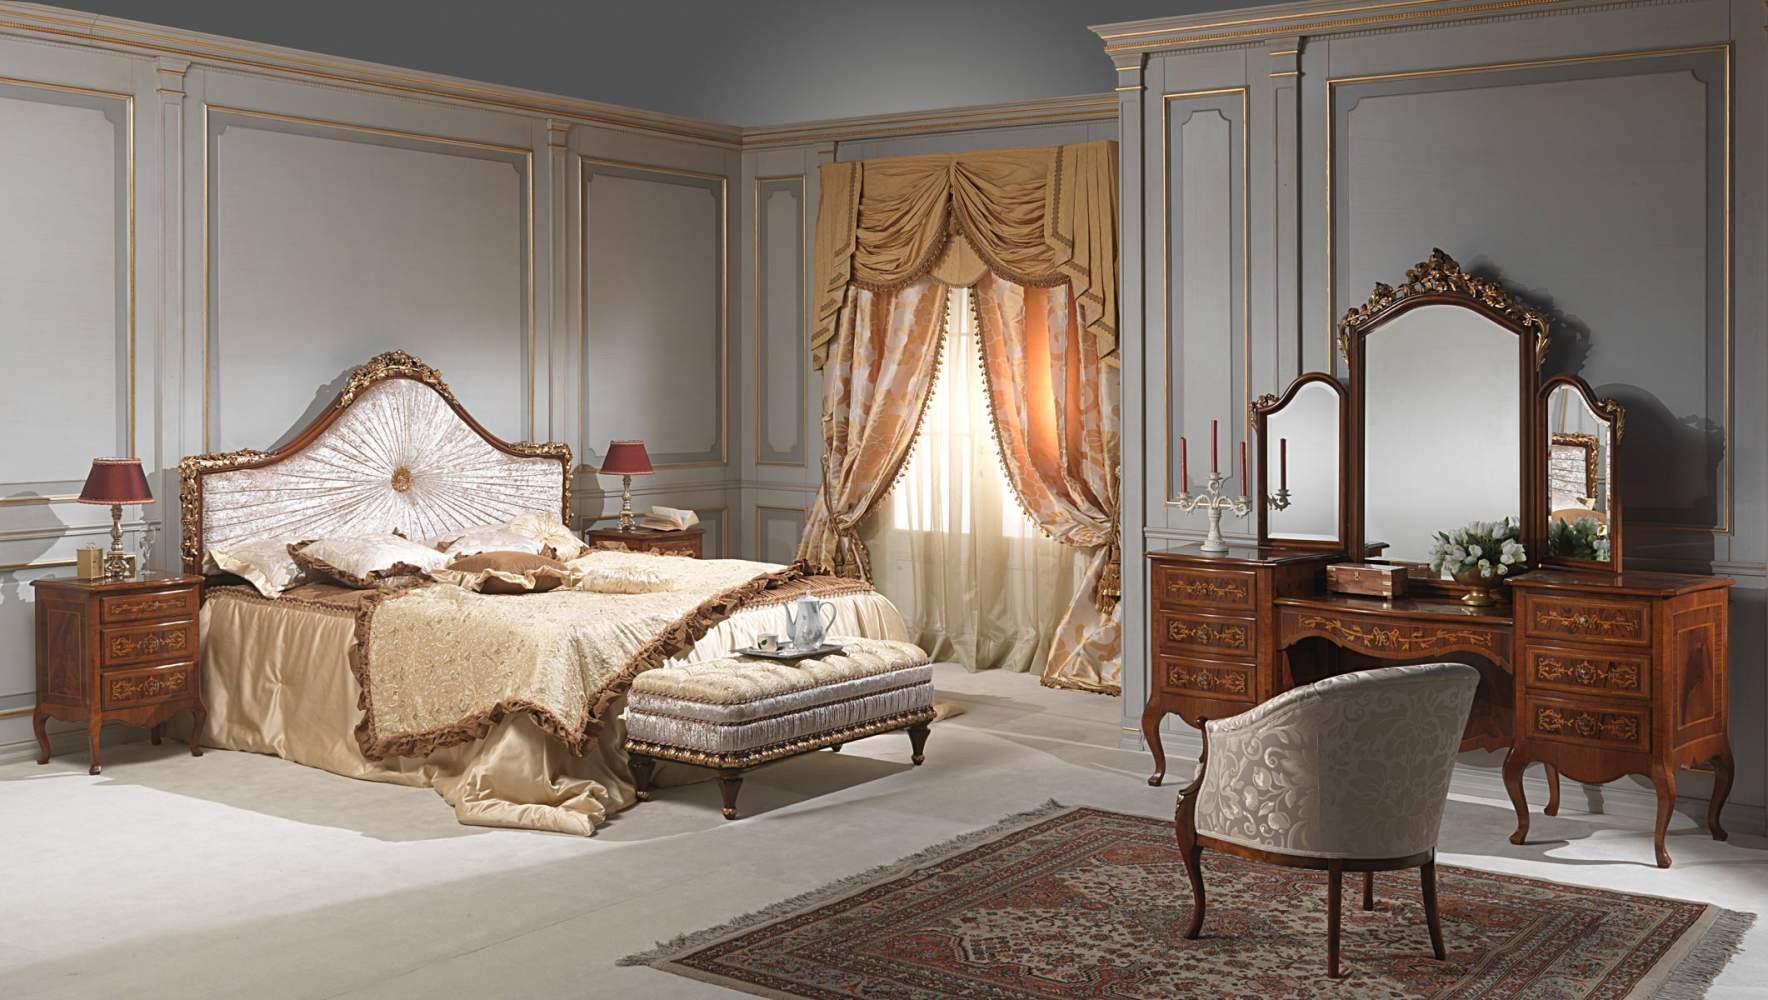 Mobili Classici Camere Da Letto.Camera Da Letto Classica Louvre Vimercati Meda